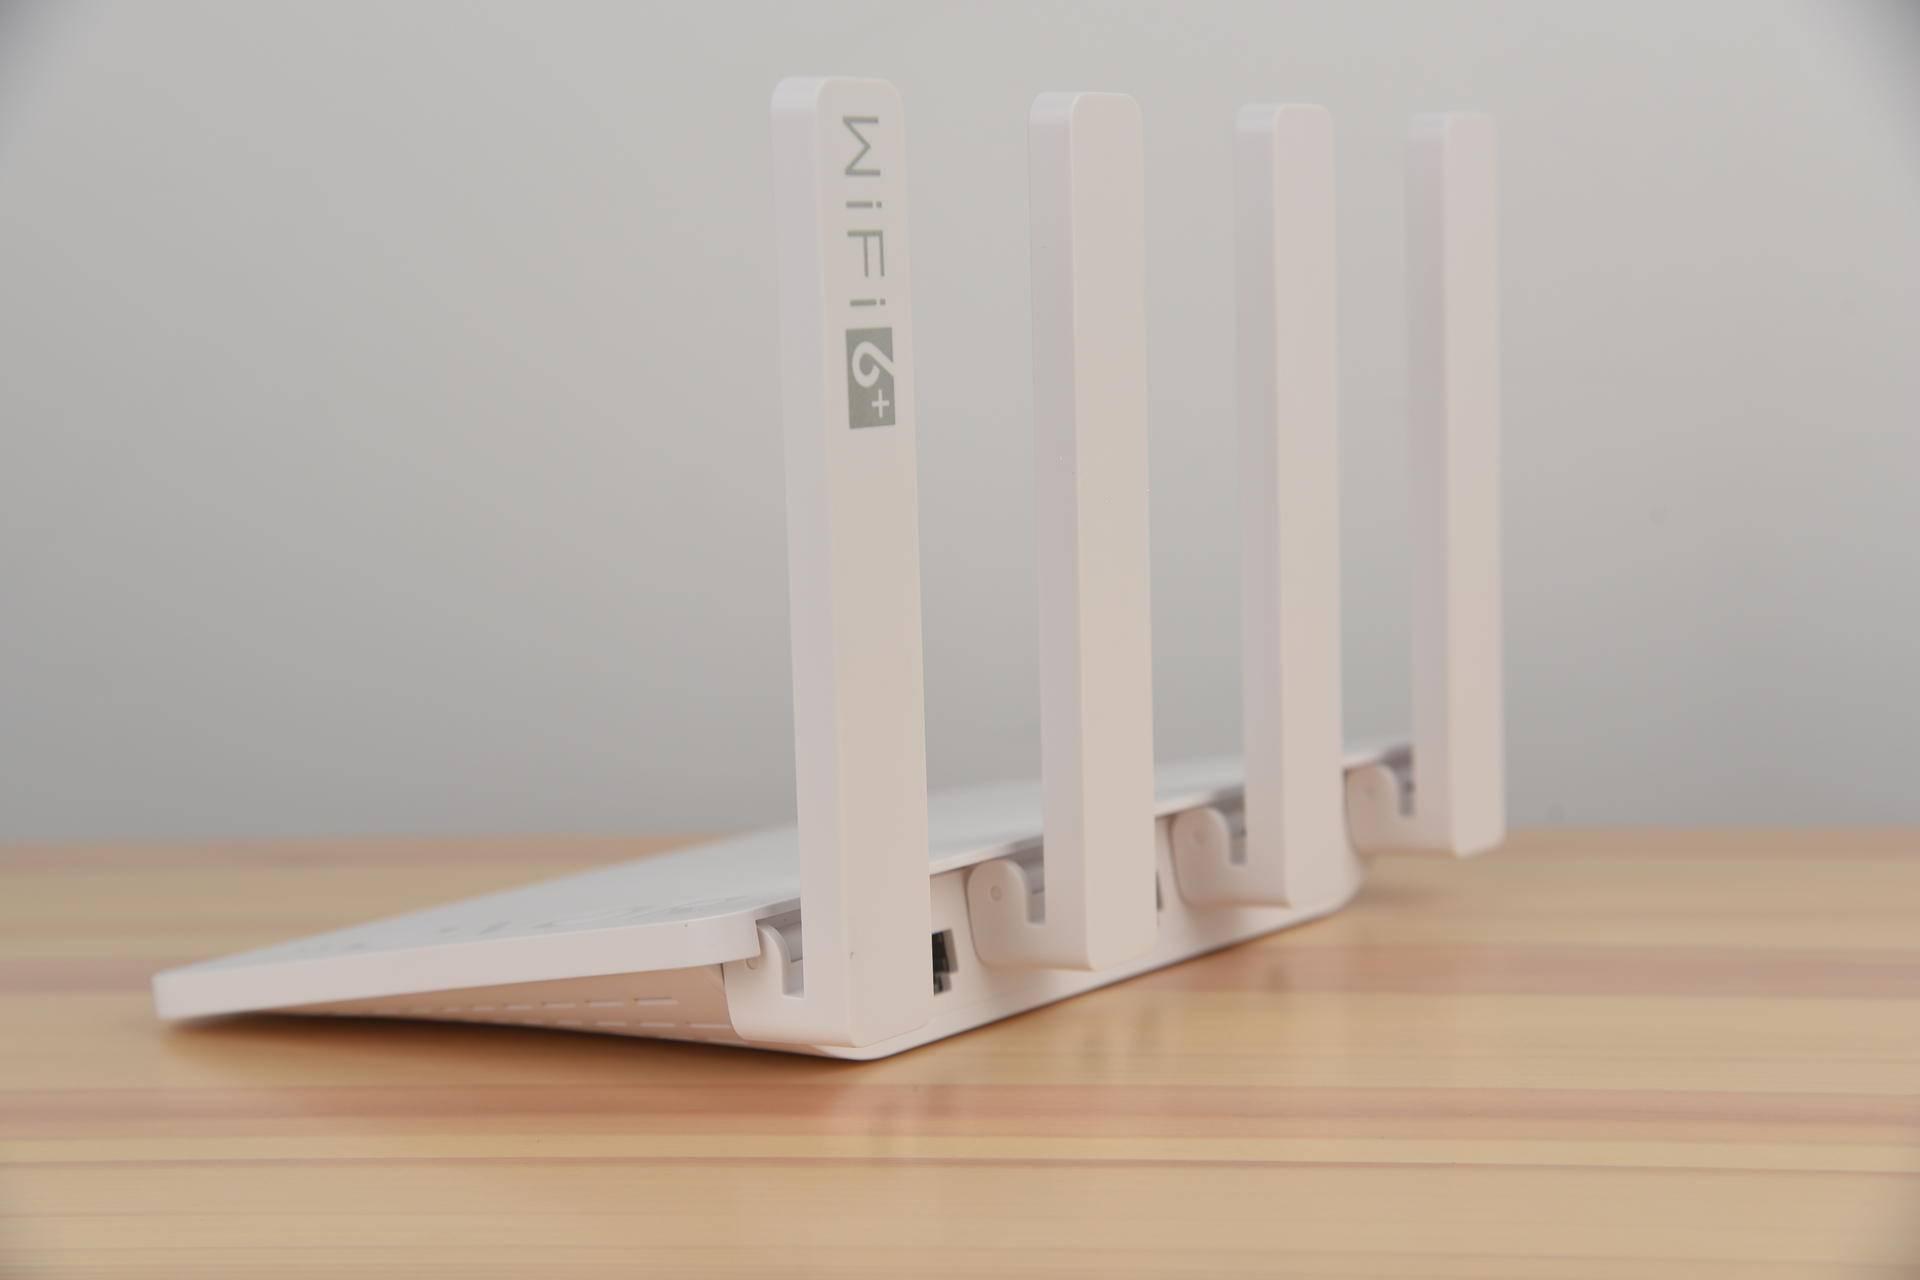 榮耀路由3體驗評測:WiFi 6智能分頻,連接更快更穩